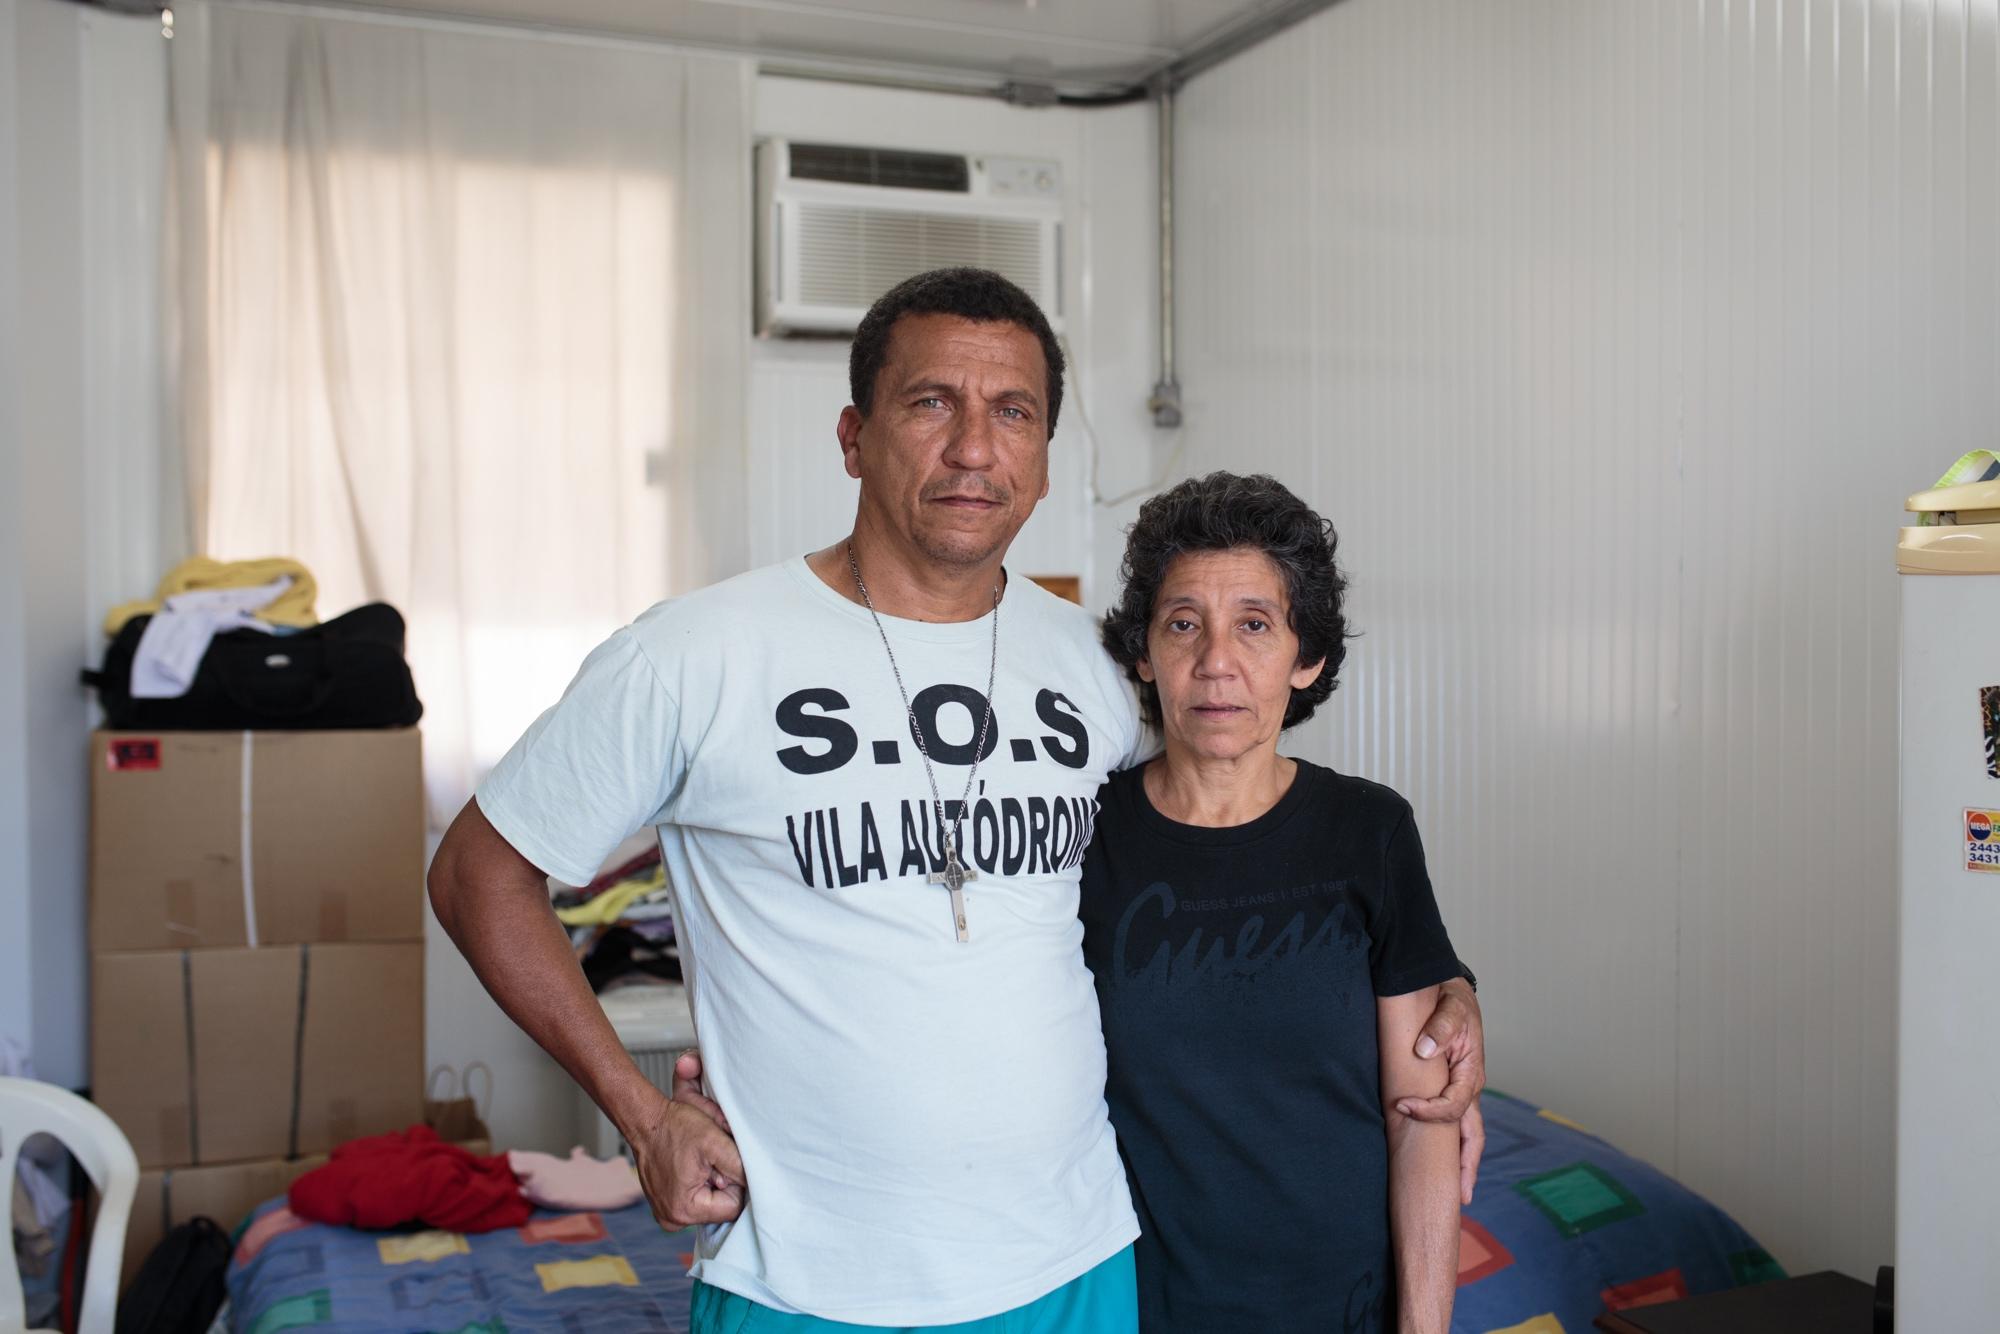 Luiz Cláudio e Maria da Penha, no contêiner colocado temporariamente pela prefeitura na Vila Autódromo, comunidade vizinha do Parque Olímpico.